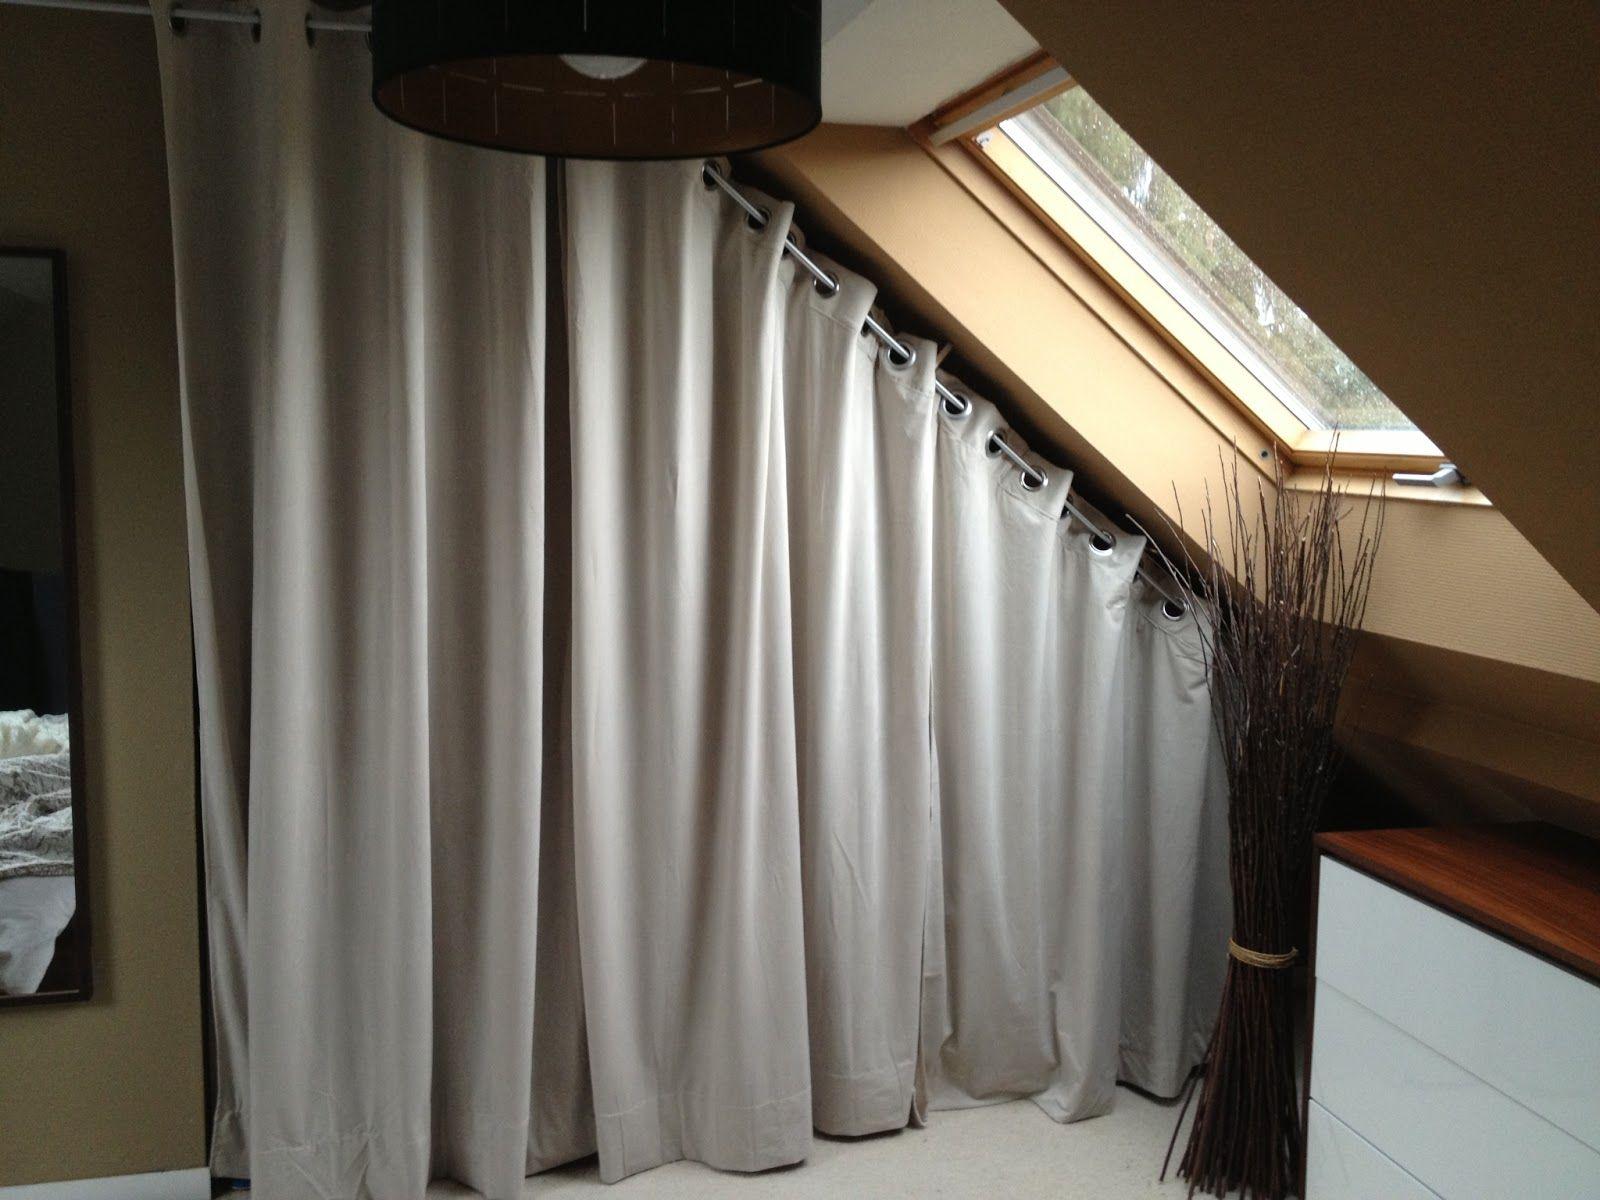 pingl par mamancigogne sur maison rideaux rideau dressing et dressing sous pente. Black Bedroom Furniture Sets. Home Design Ideas